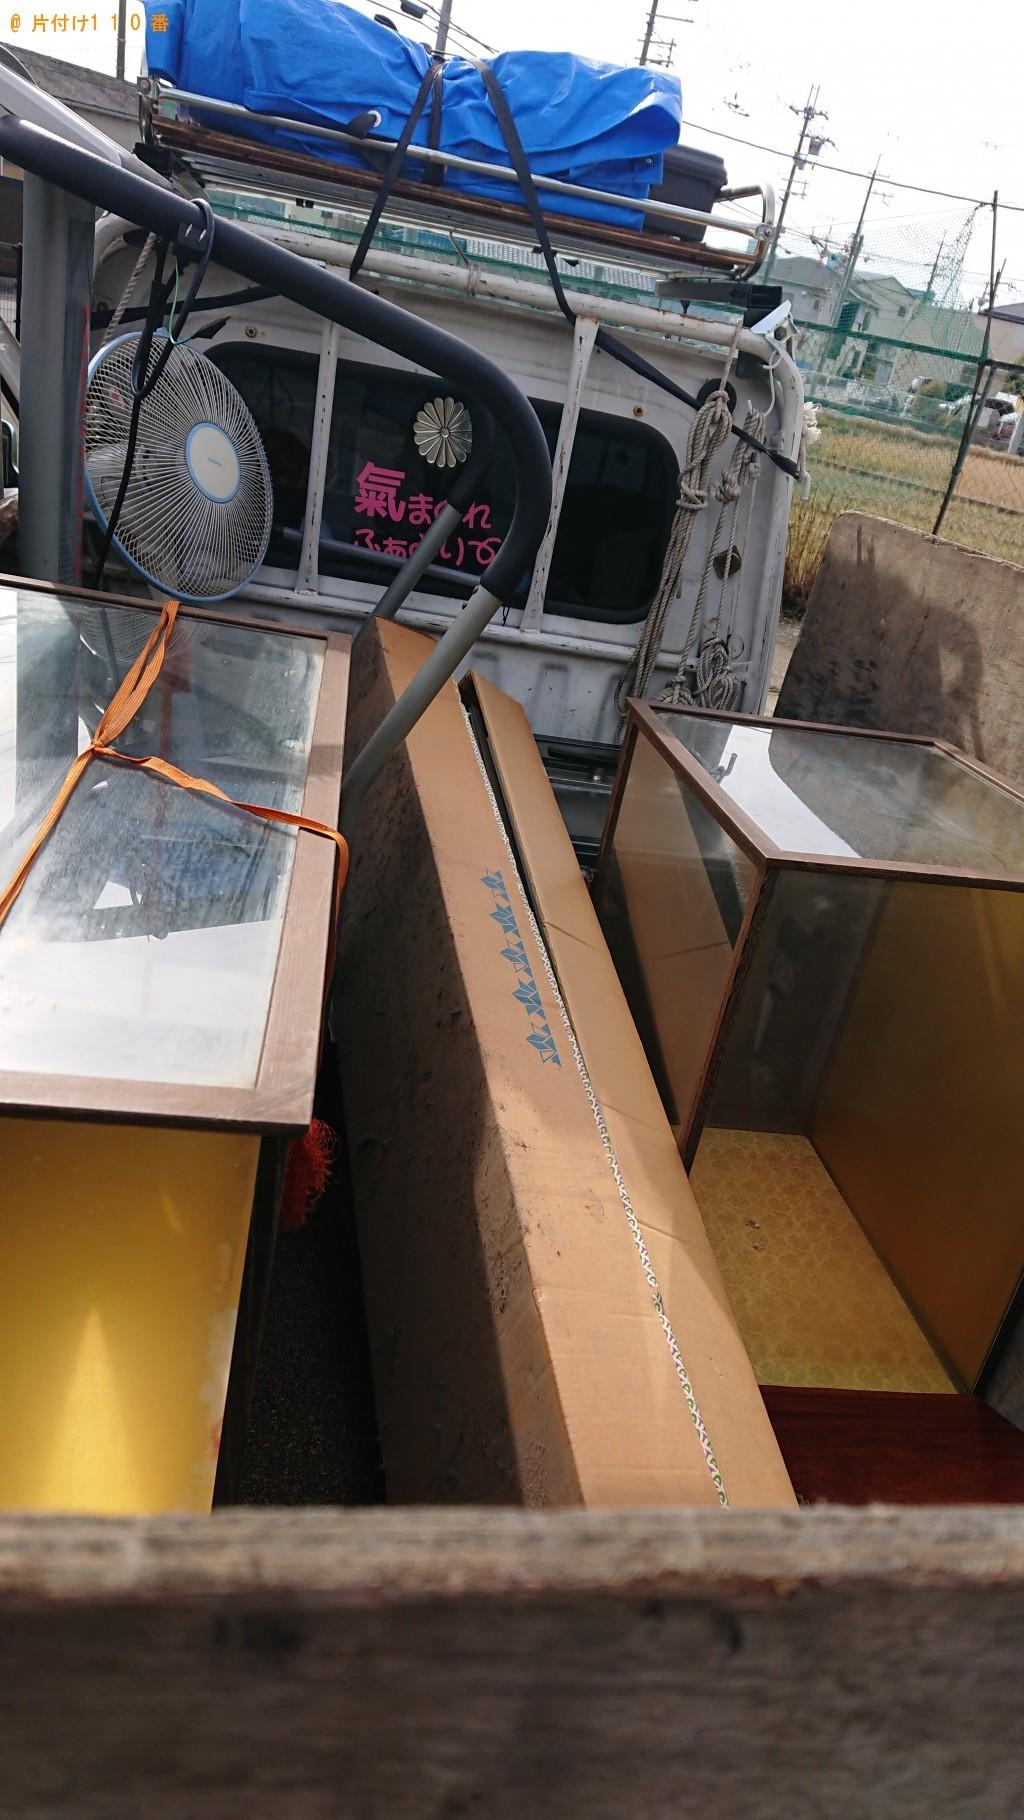 【堺市南区】電気ストーブ、金庫、スチール棚、机の回収・処分ご依頼